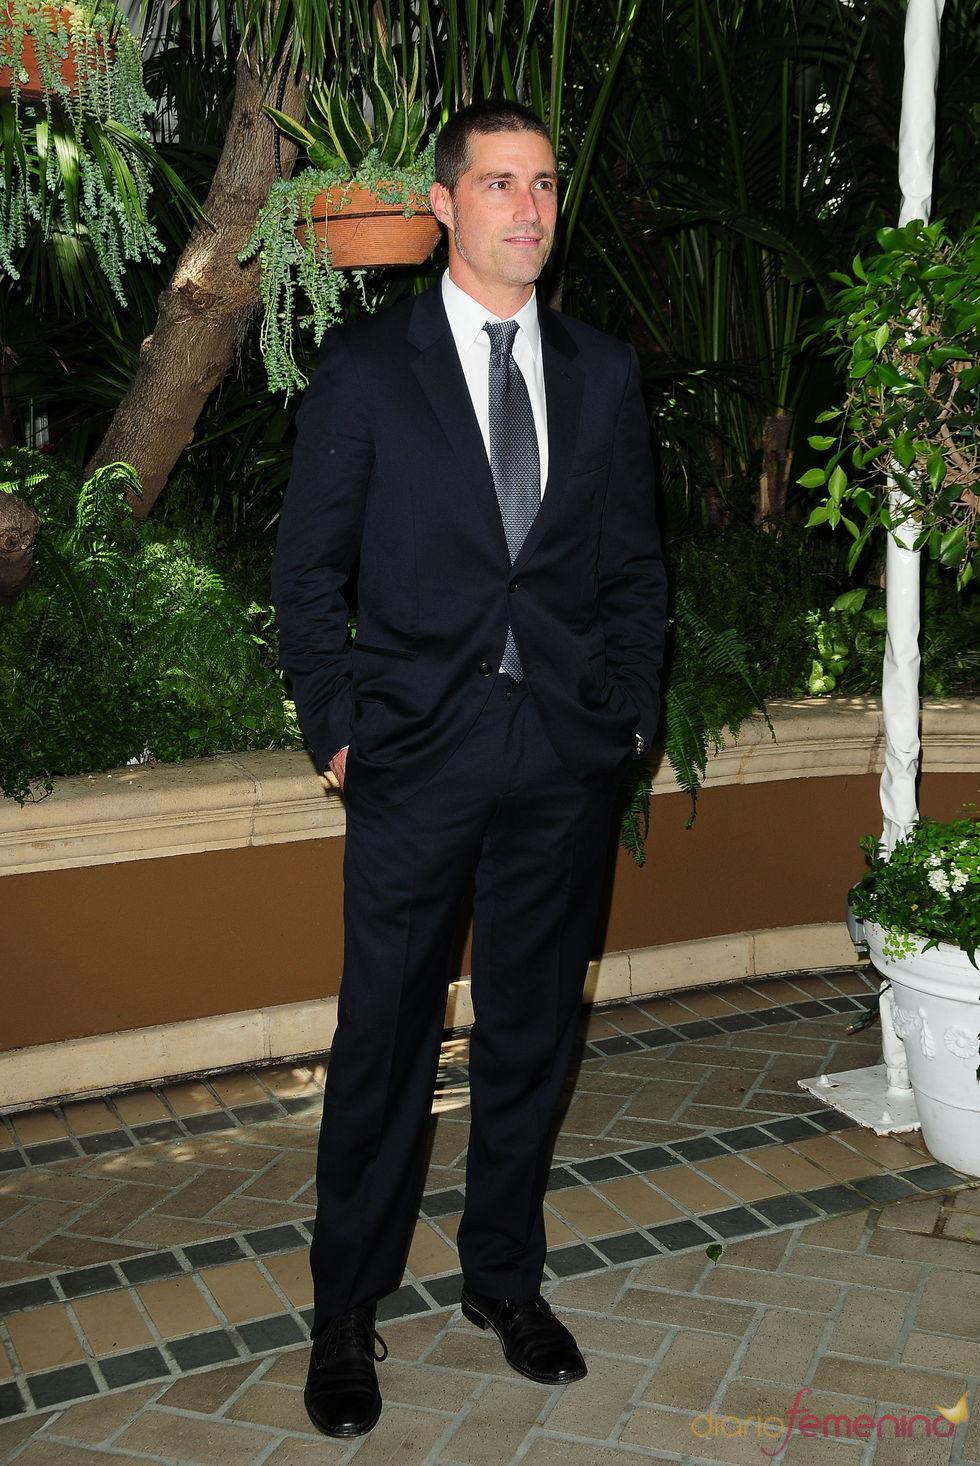 Matthew Fox, ahora ya fuera de la isla, en el almuerzo de la HFPA